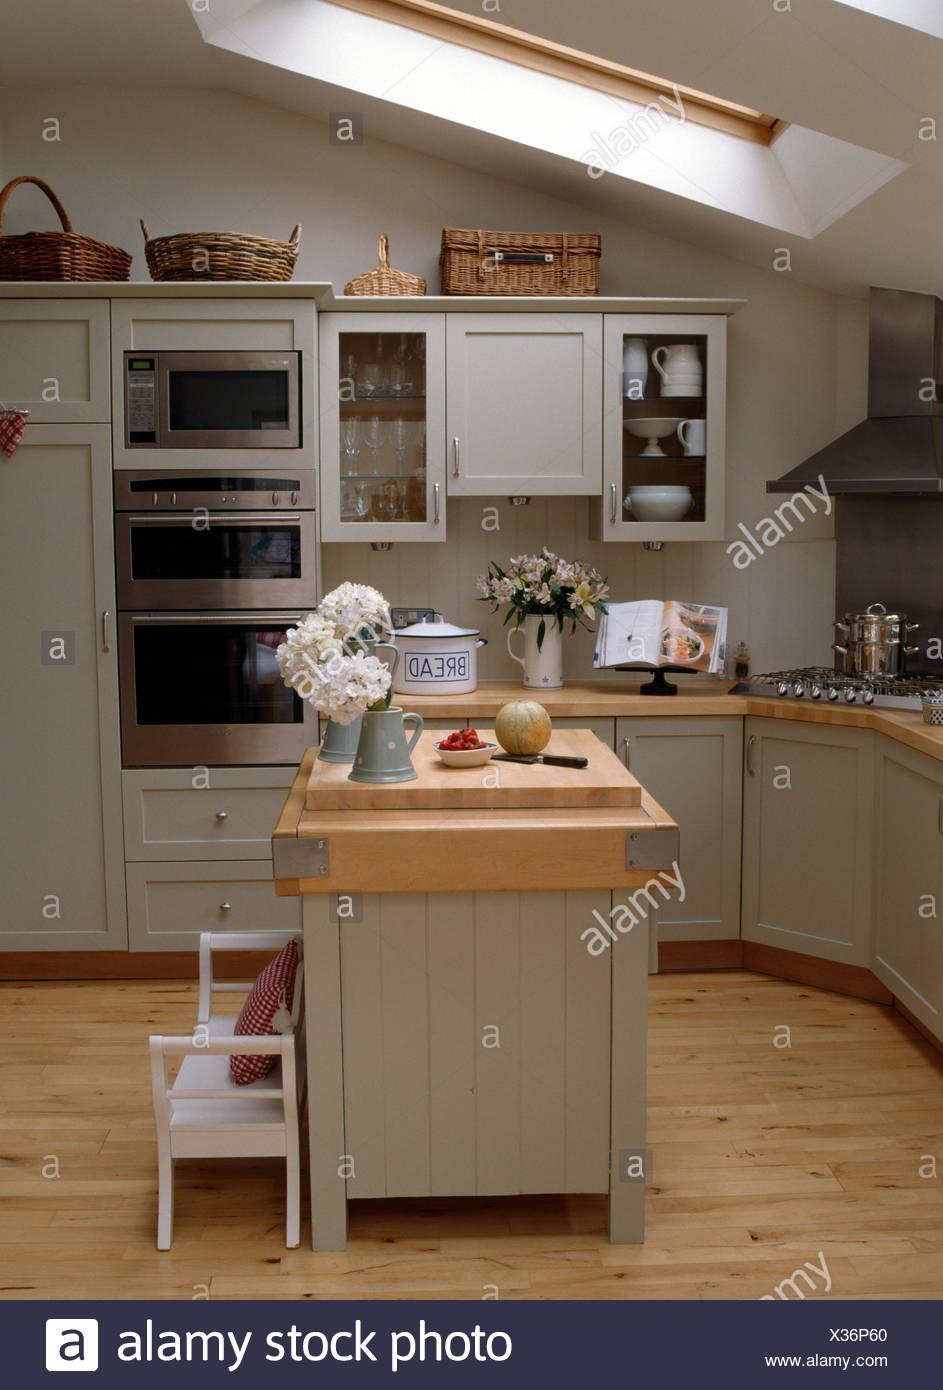 Nett Französisch Landküche Male Ideen Fotos - Ideen Für Die Küche ...